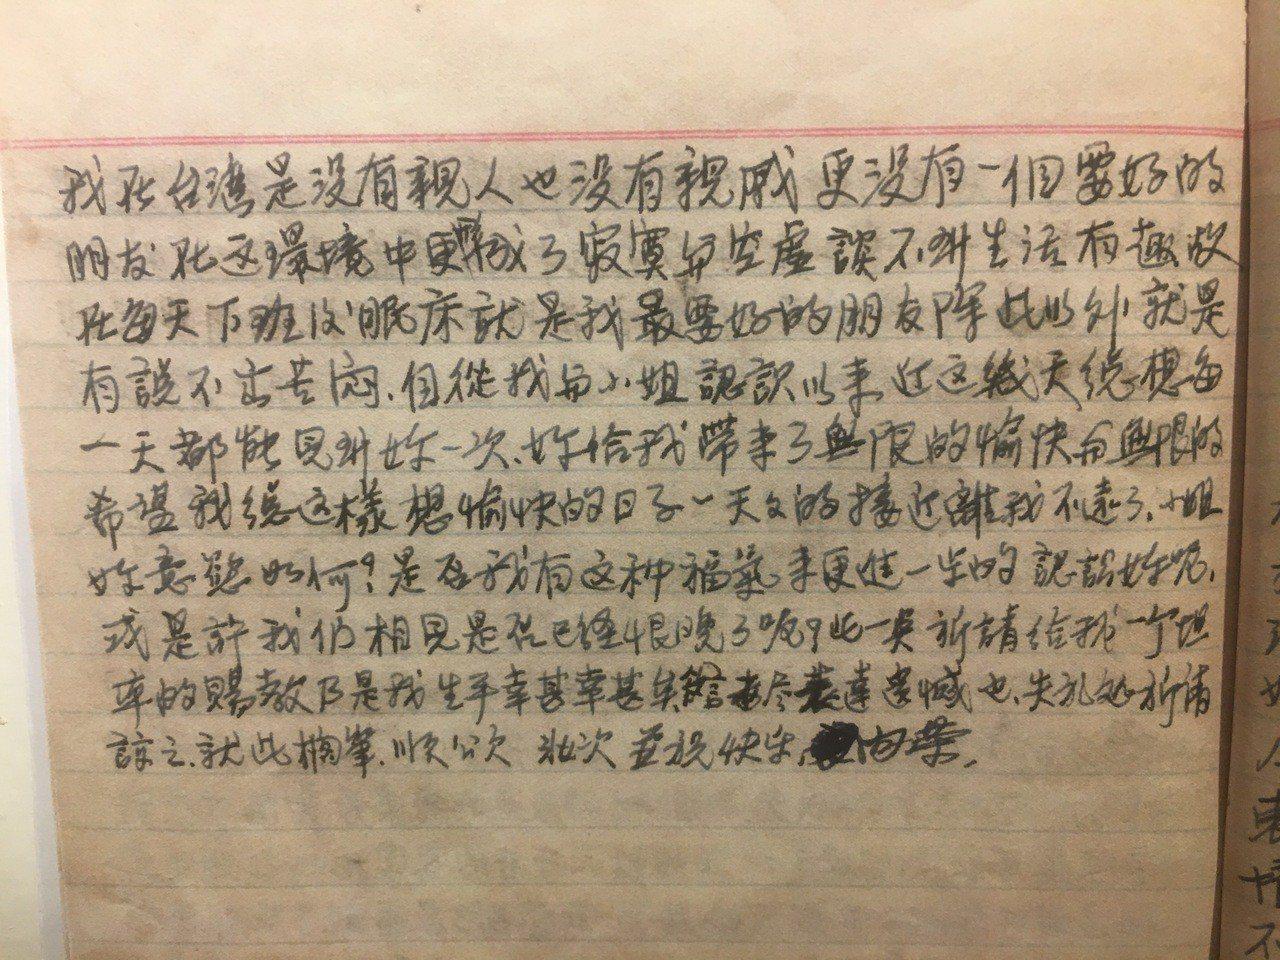 「城南山水.共聚棲地」展覽懸掛一封50年前的泛黃情書,描述一名大陸來台退伍青年在...